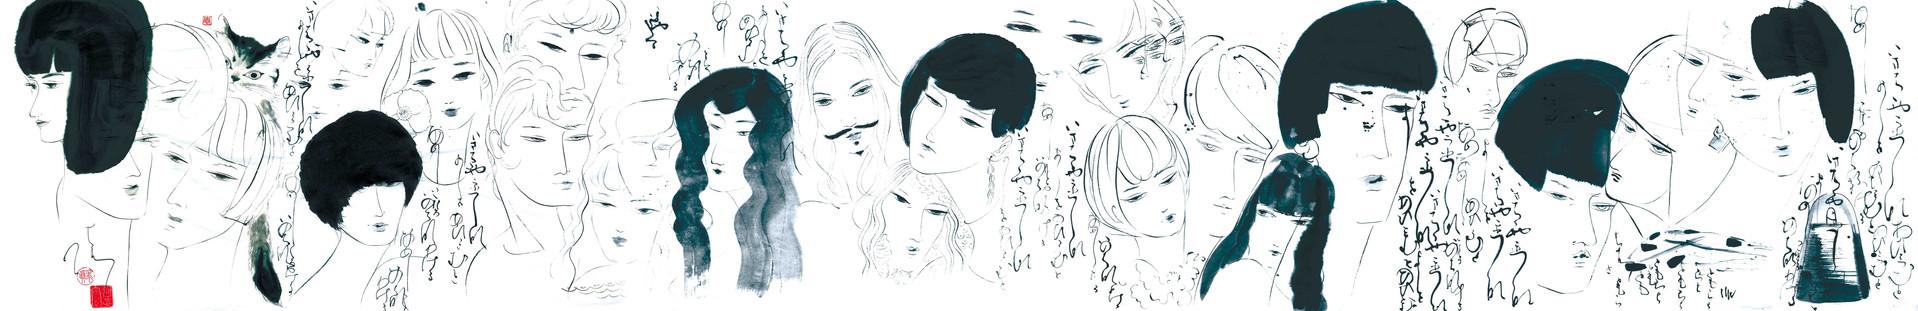 絵巻FACES-EMAKI.jpg